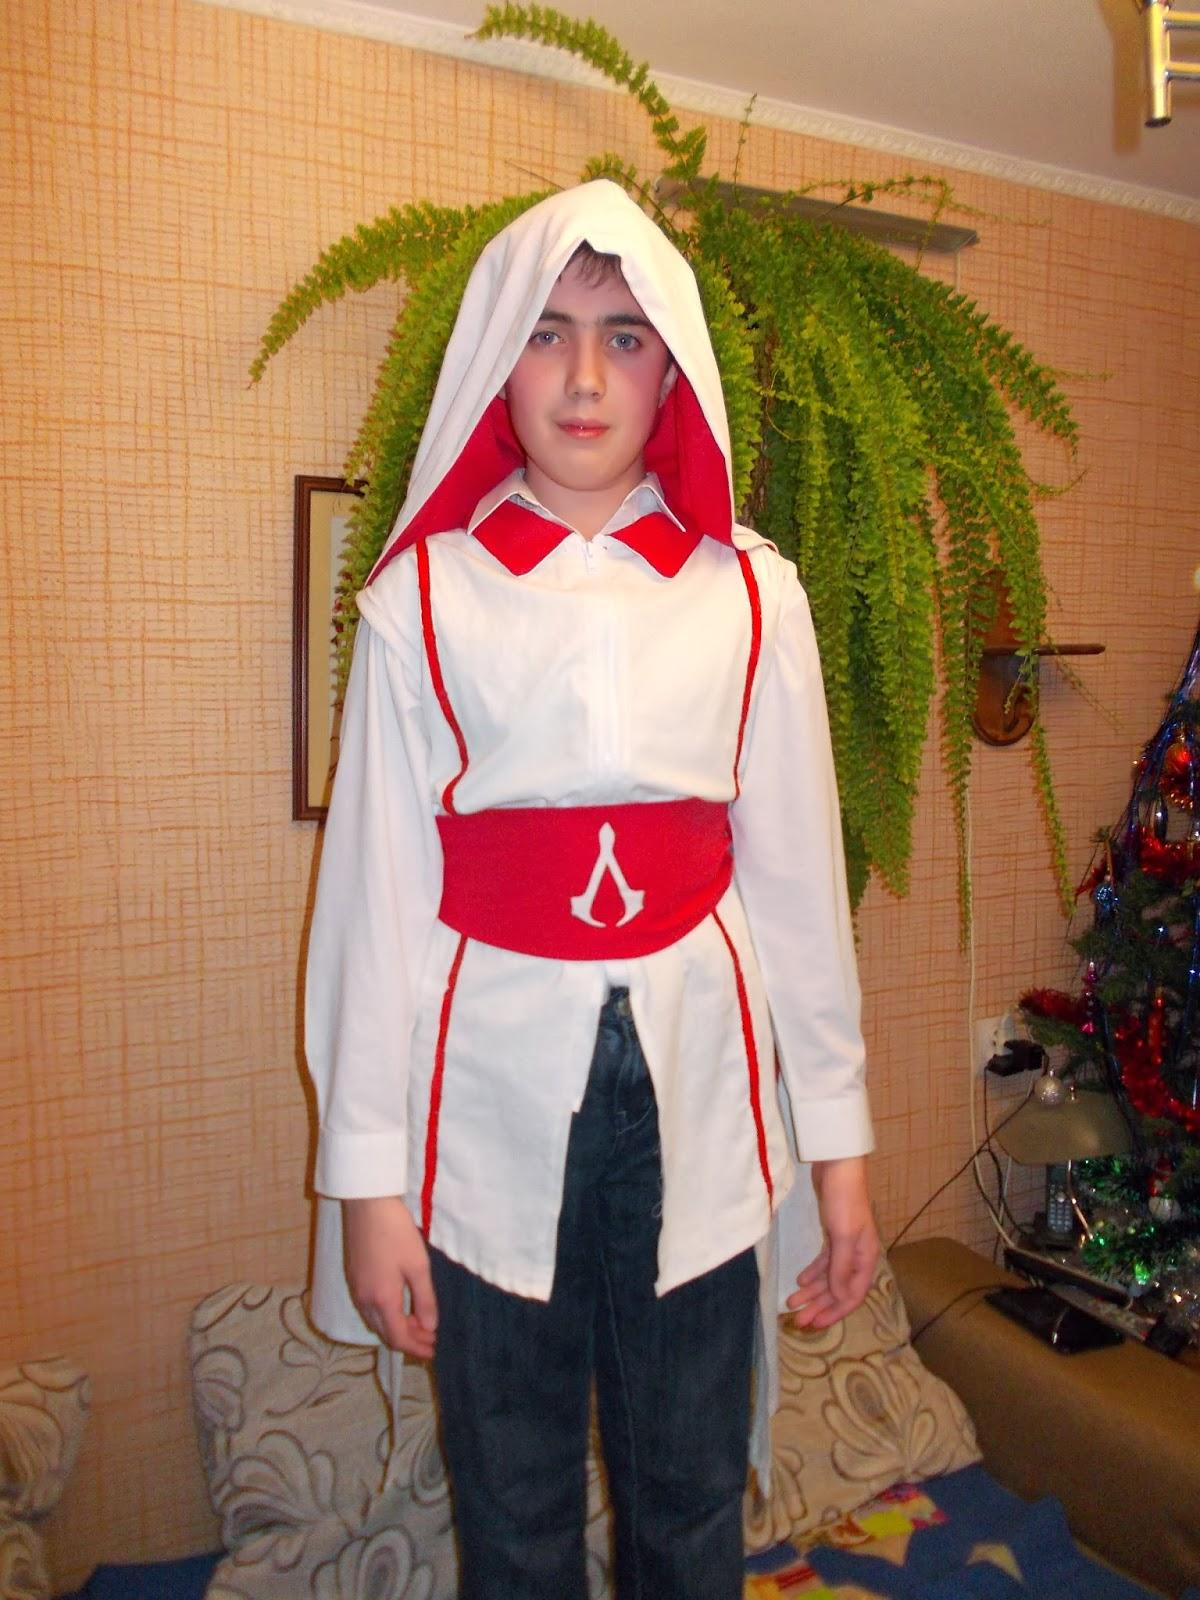 Ассасина костюм своими руками 57